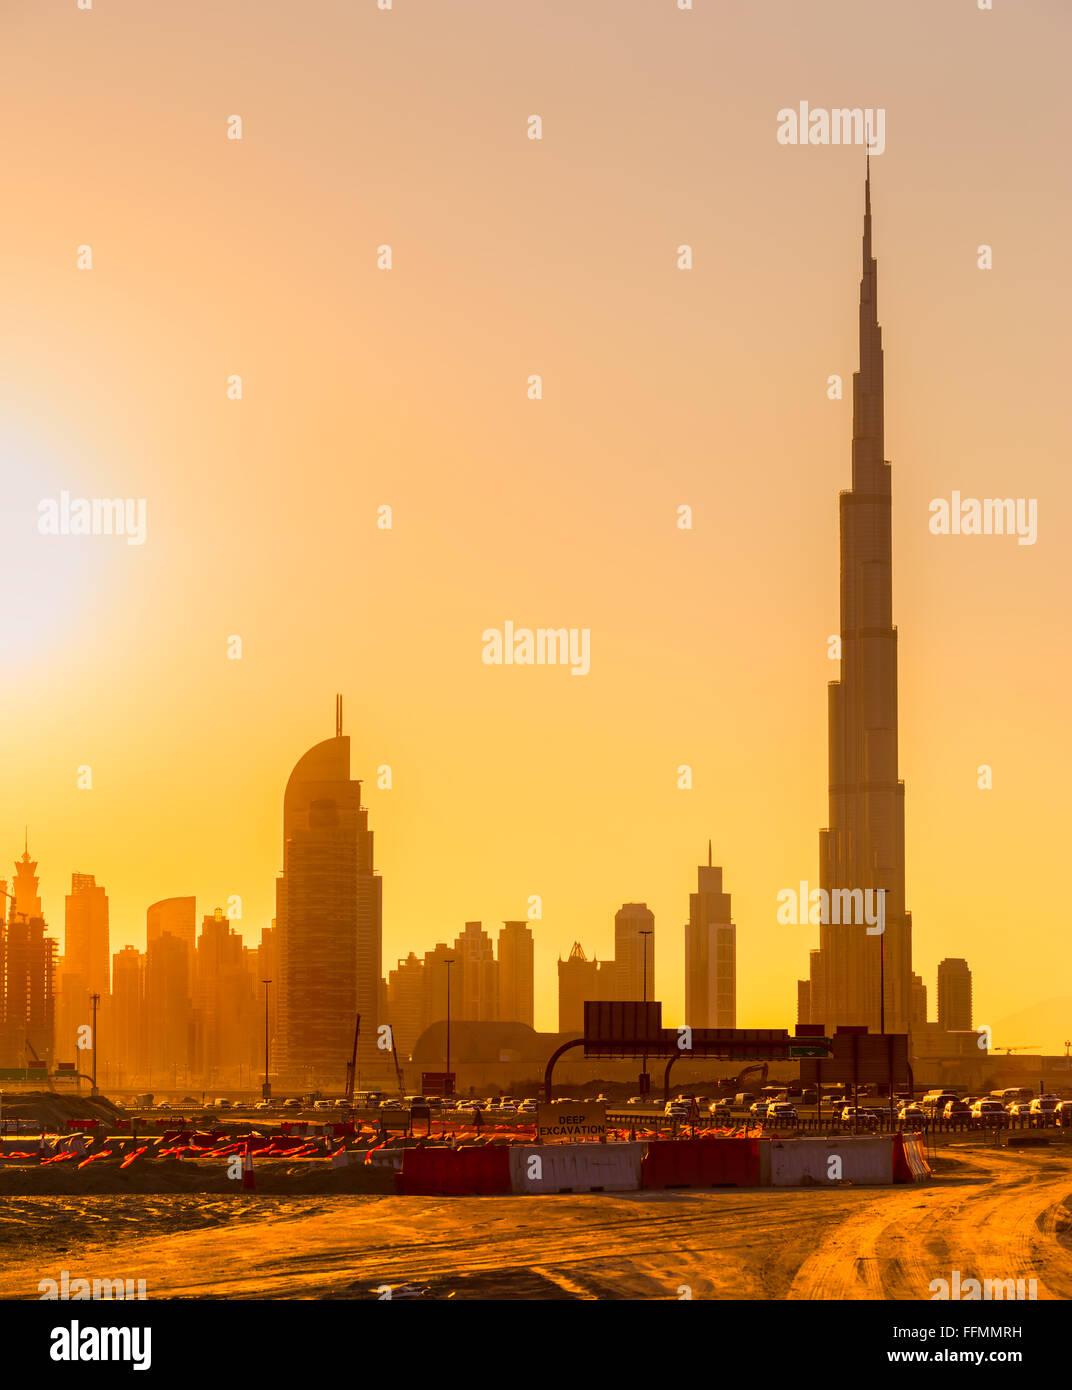 Skyline von Dubai in der Abenddämmerung, Vereinigte Arabische Emirate. Stockbild